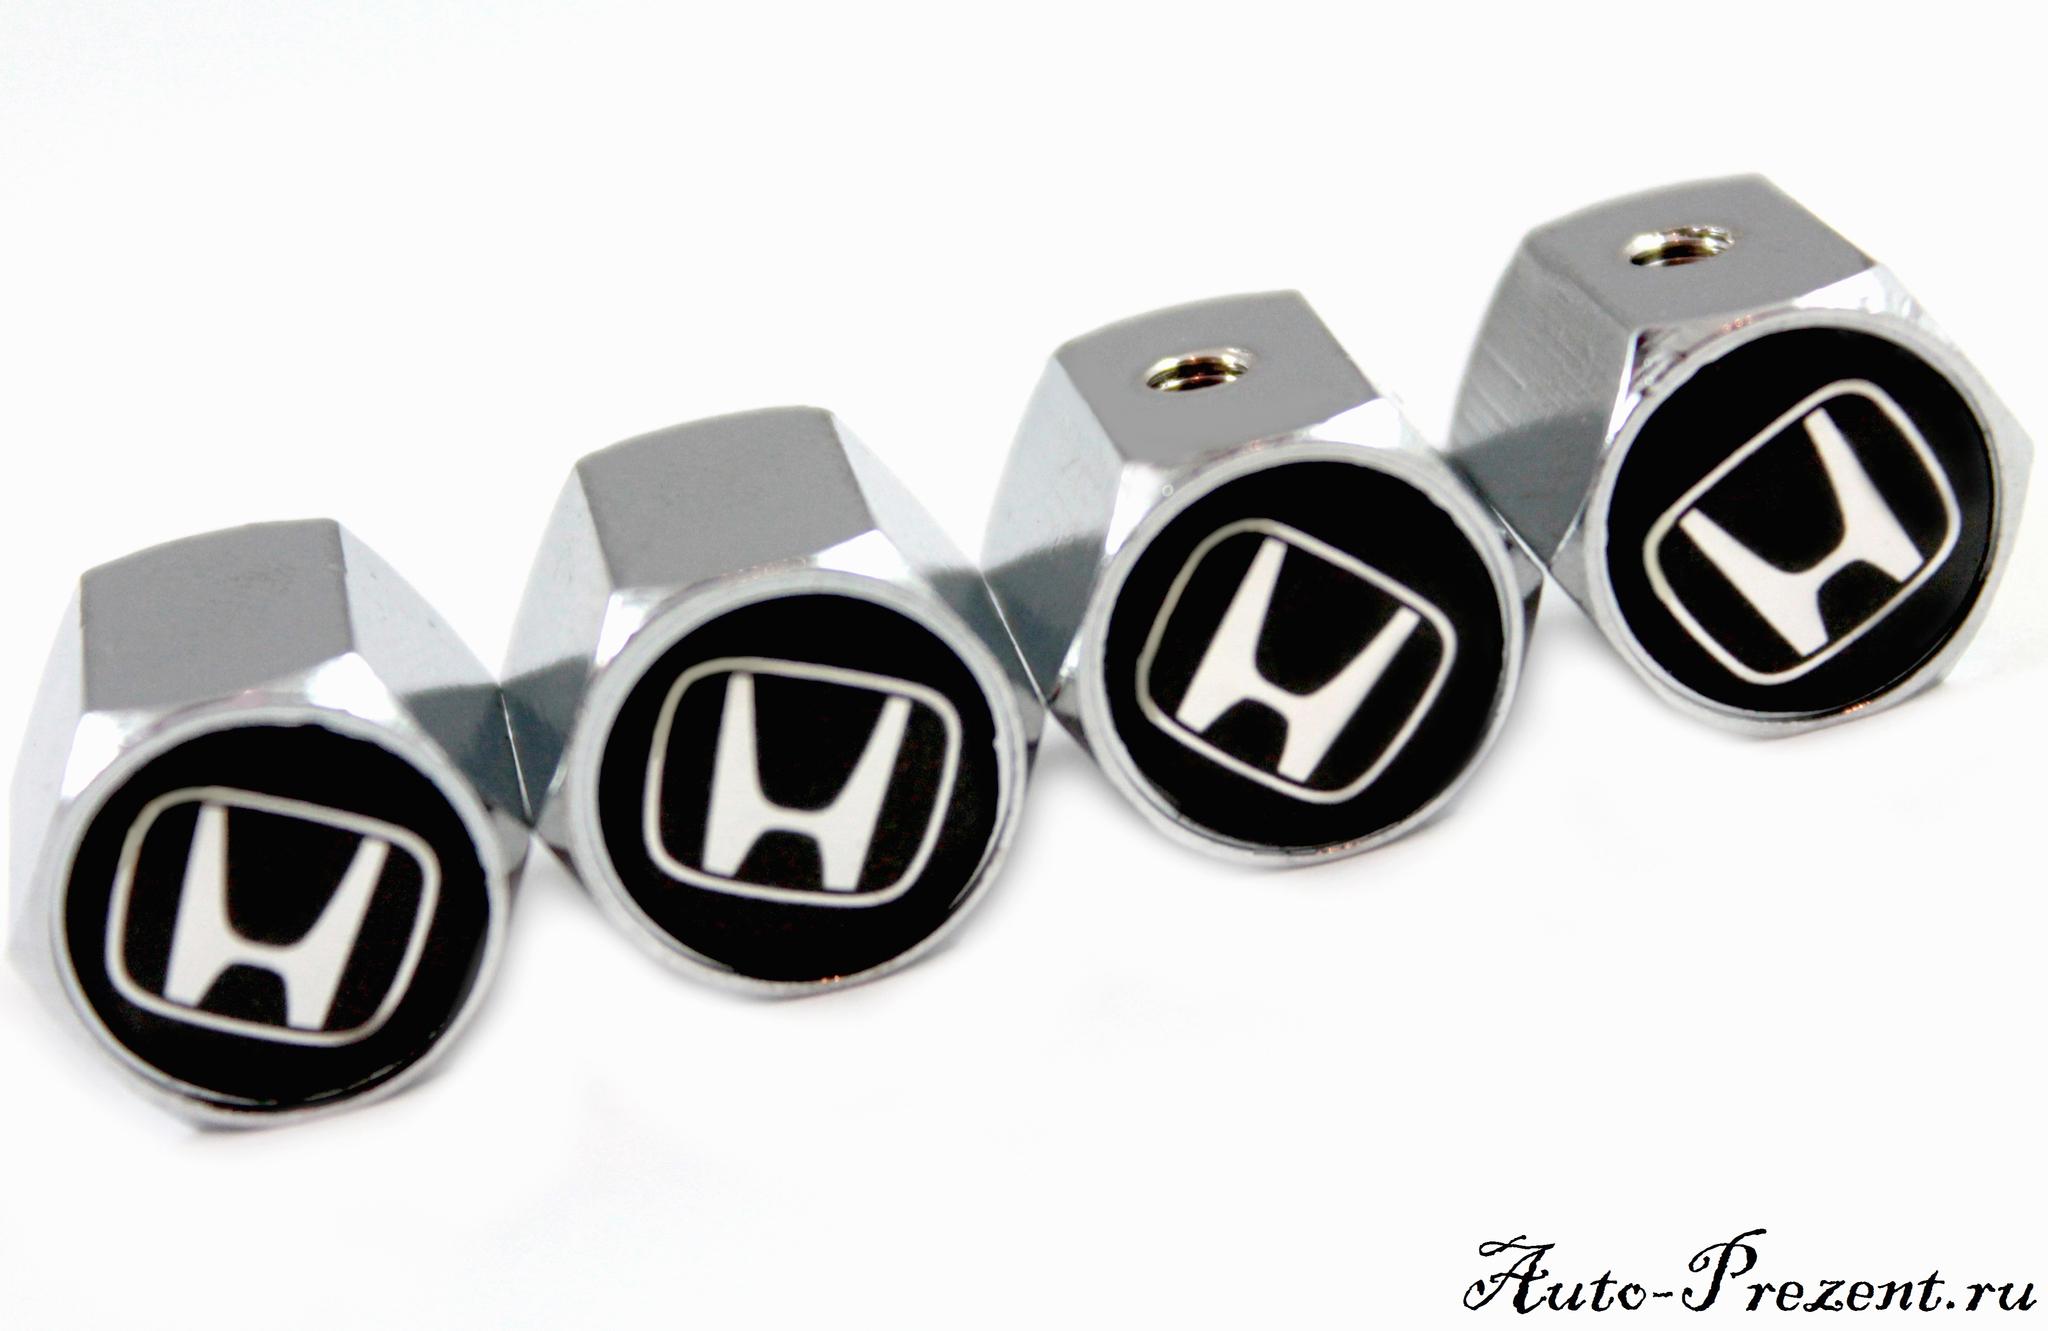 Колпачки на ниппель HONDA с защитой от кражи